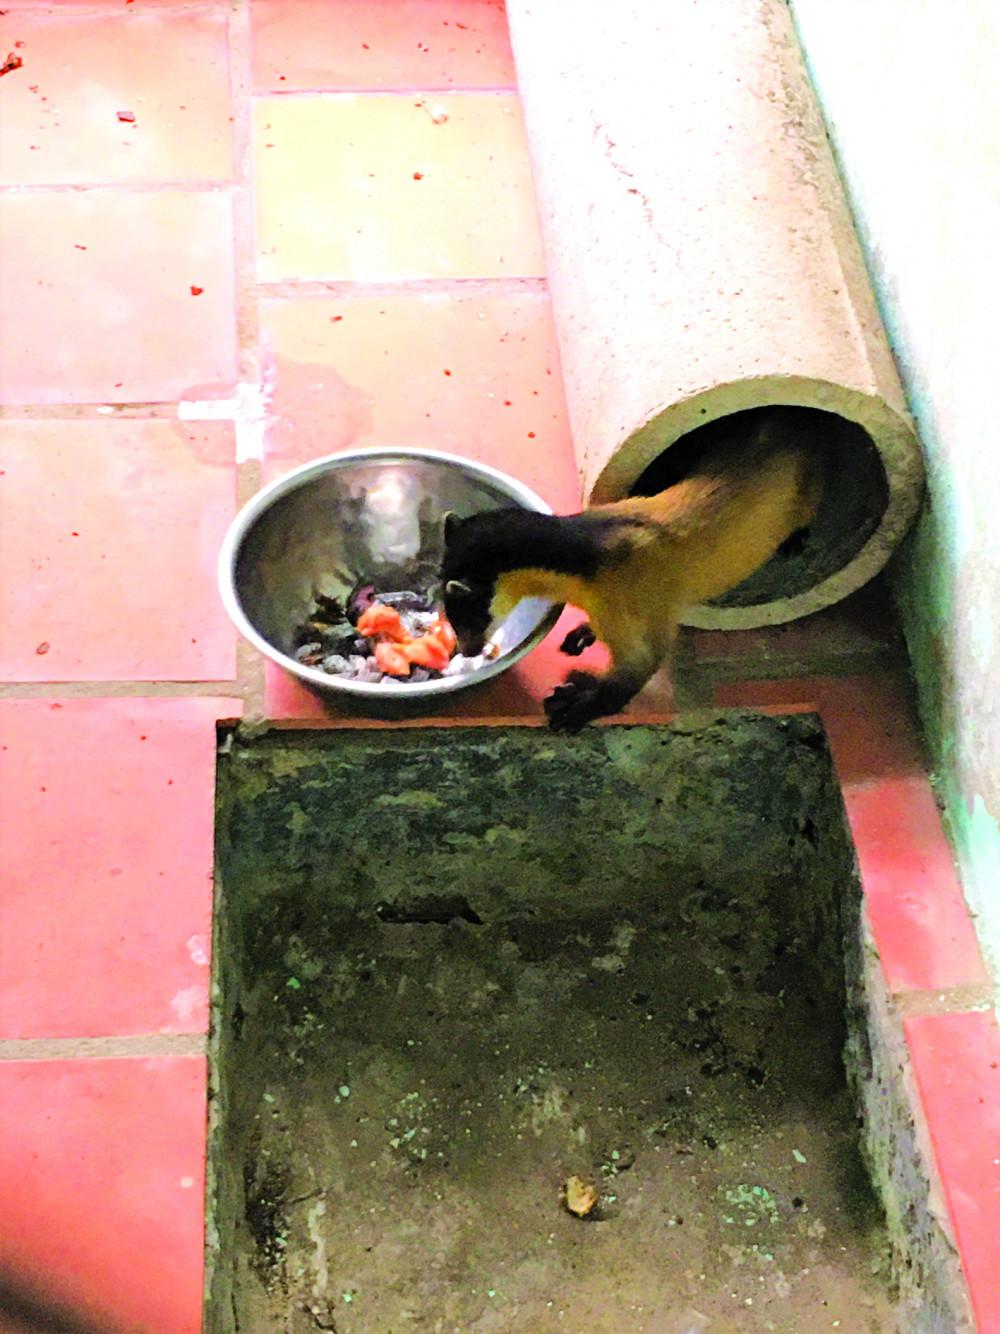 Cá thể cầy họng vàng do người dân giao nộp đang được cứu hộ tại Trạm Cứu hộ động vật hoang dã Củ Chi Ảnh: Chi cục Kiểm lâm TPHCM cung cấp